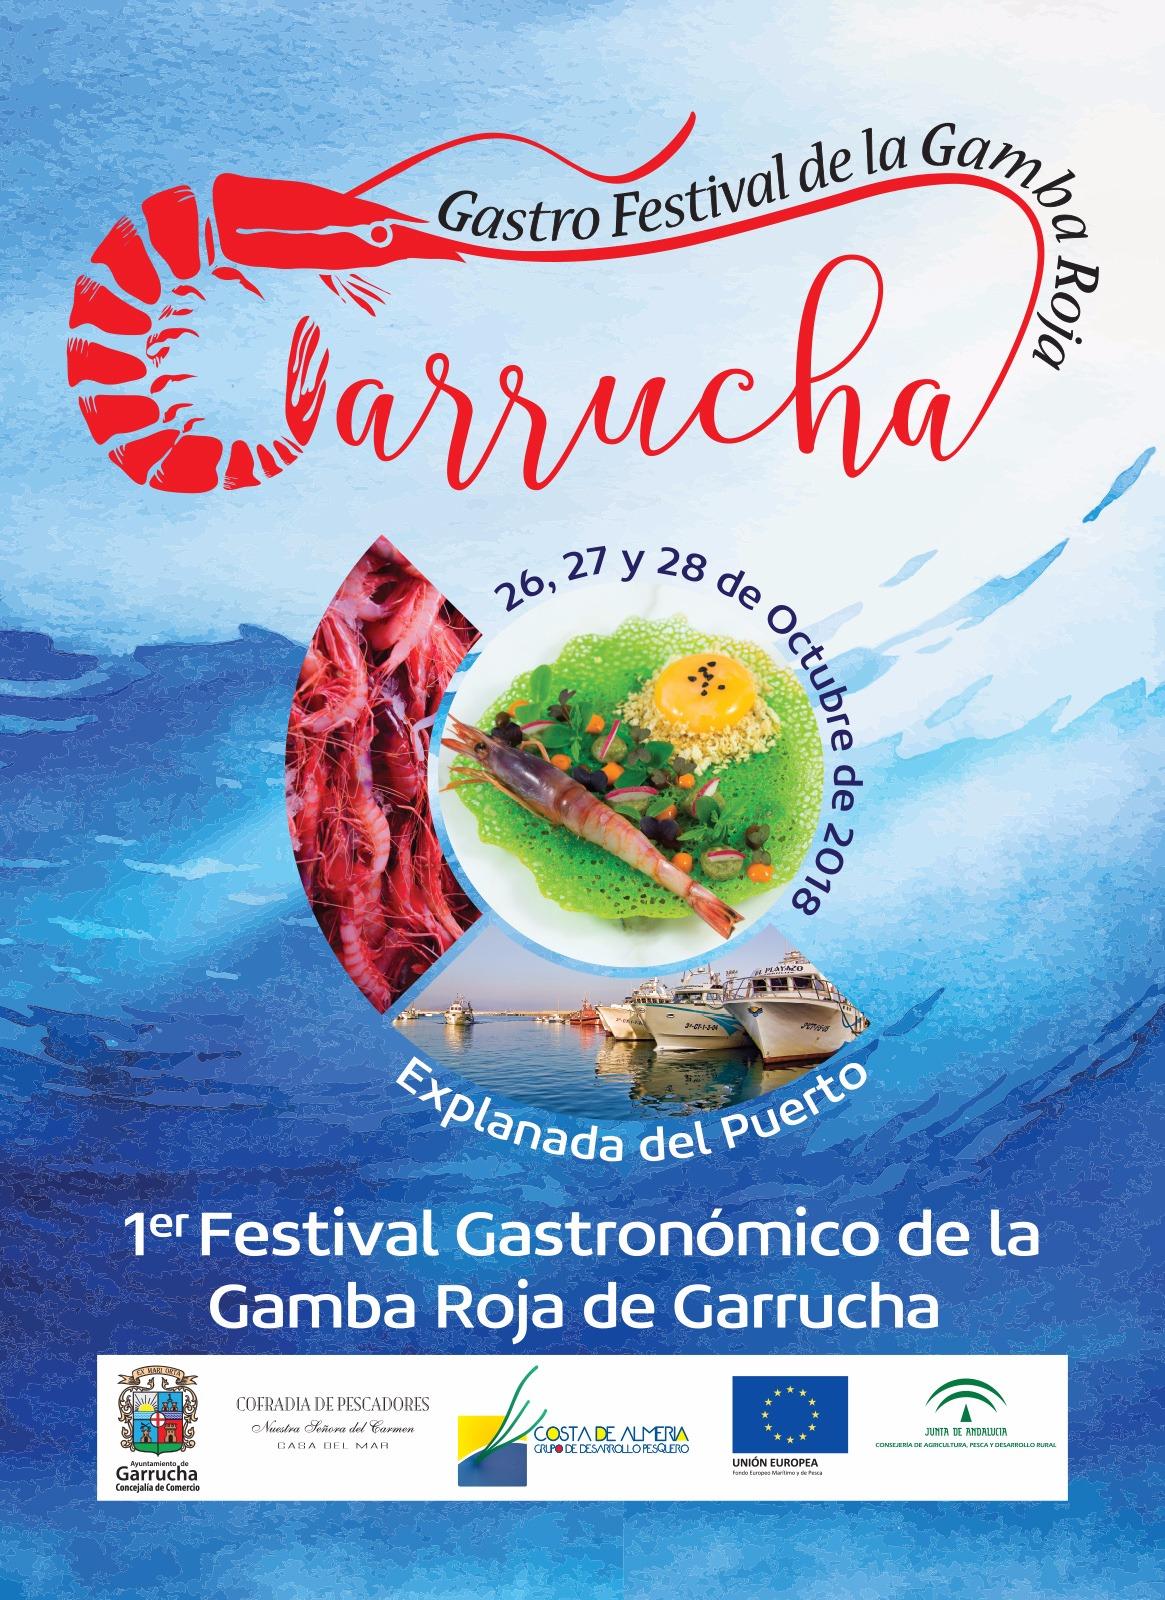 FESTIVAL GASTRONÓMICO DE LA GAMBA ROJA DE GARRUCHA